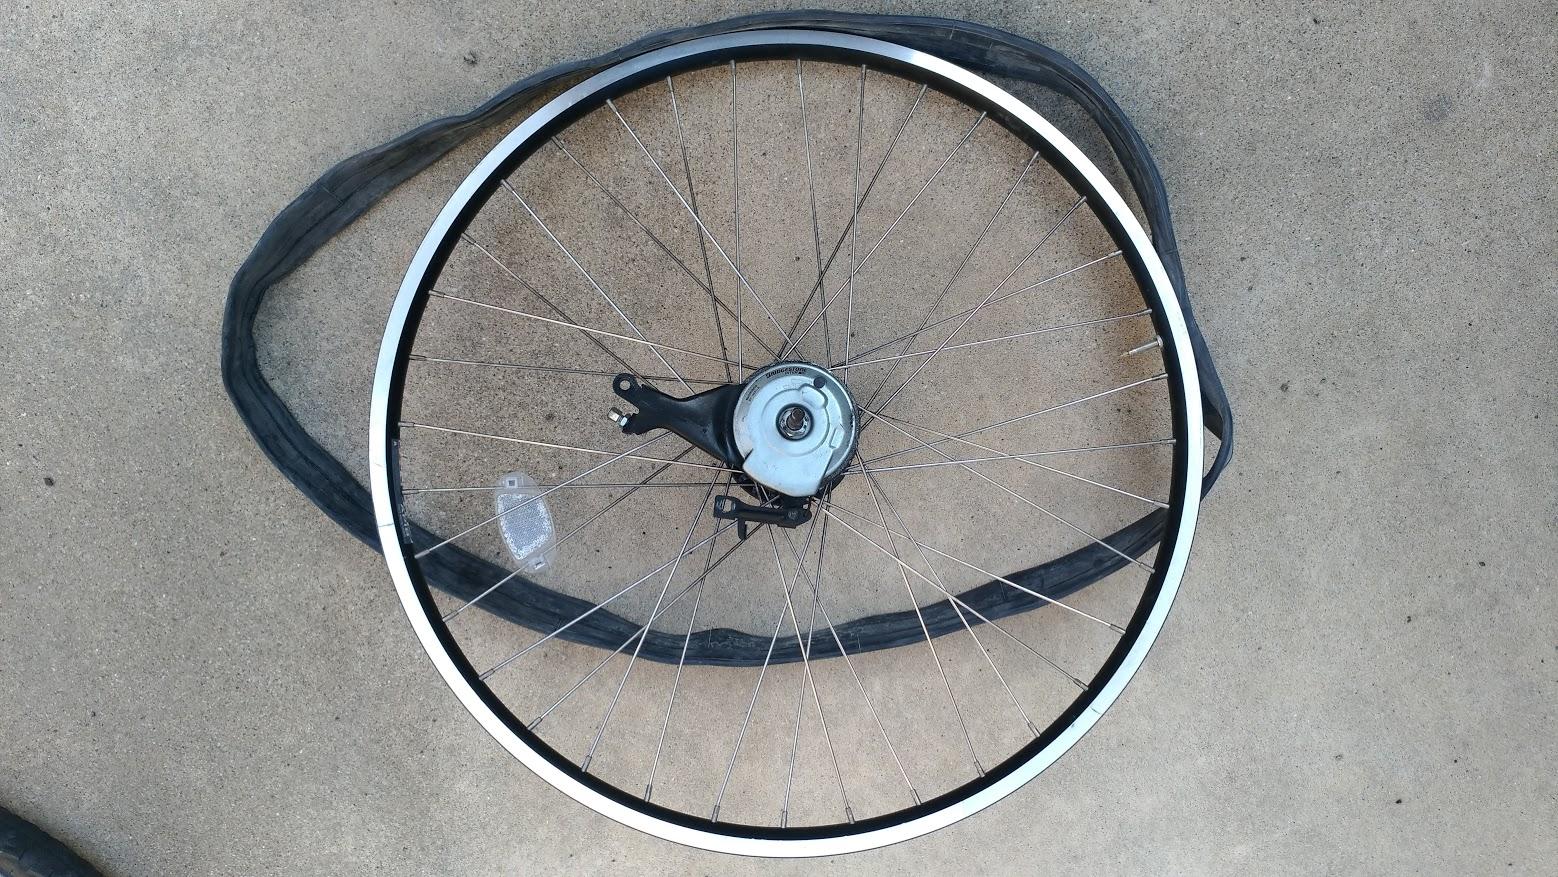 ブリヂストン hydee2 子供電動自転車 パンク タイヤ交換 -12-